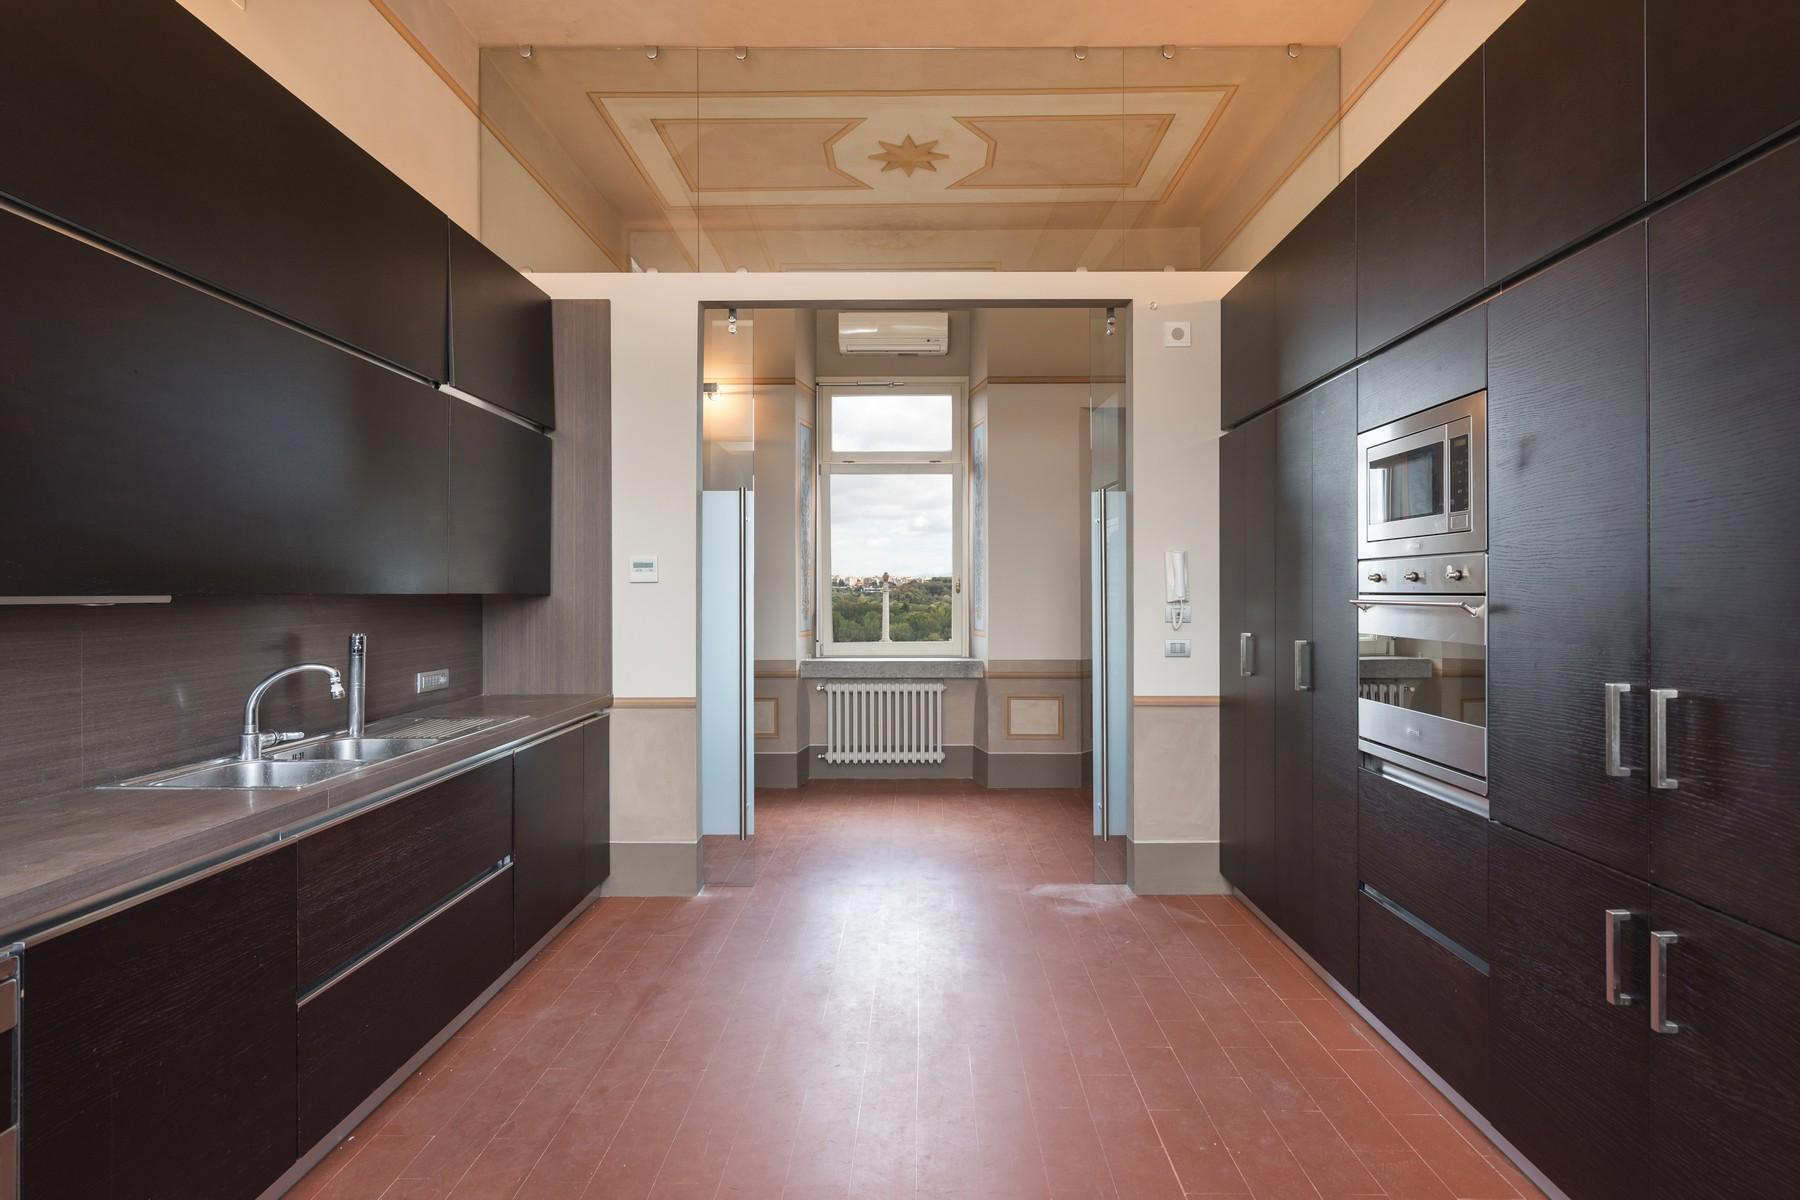 位于著名的Brasini别墅内的公寓 - 19